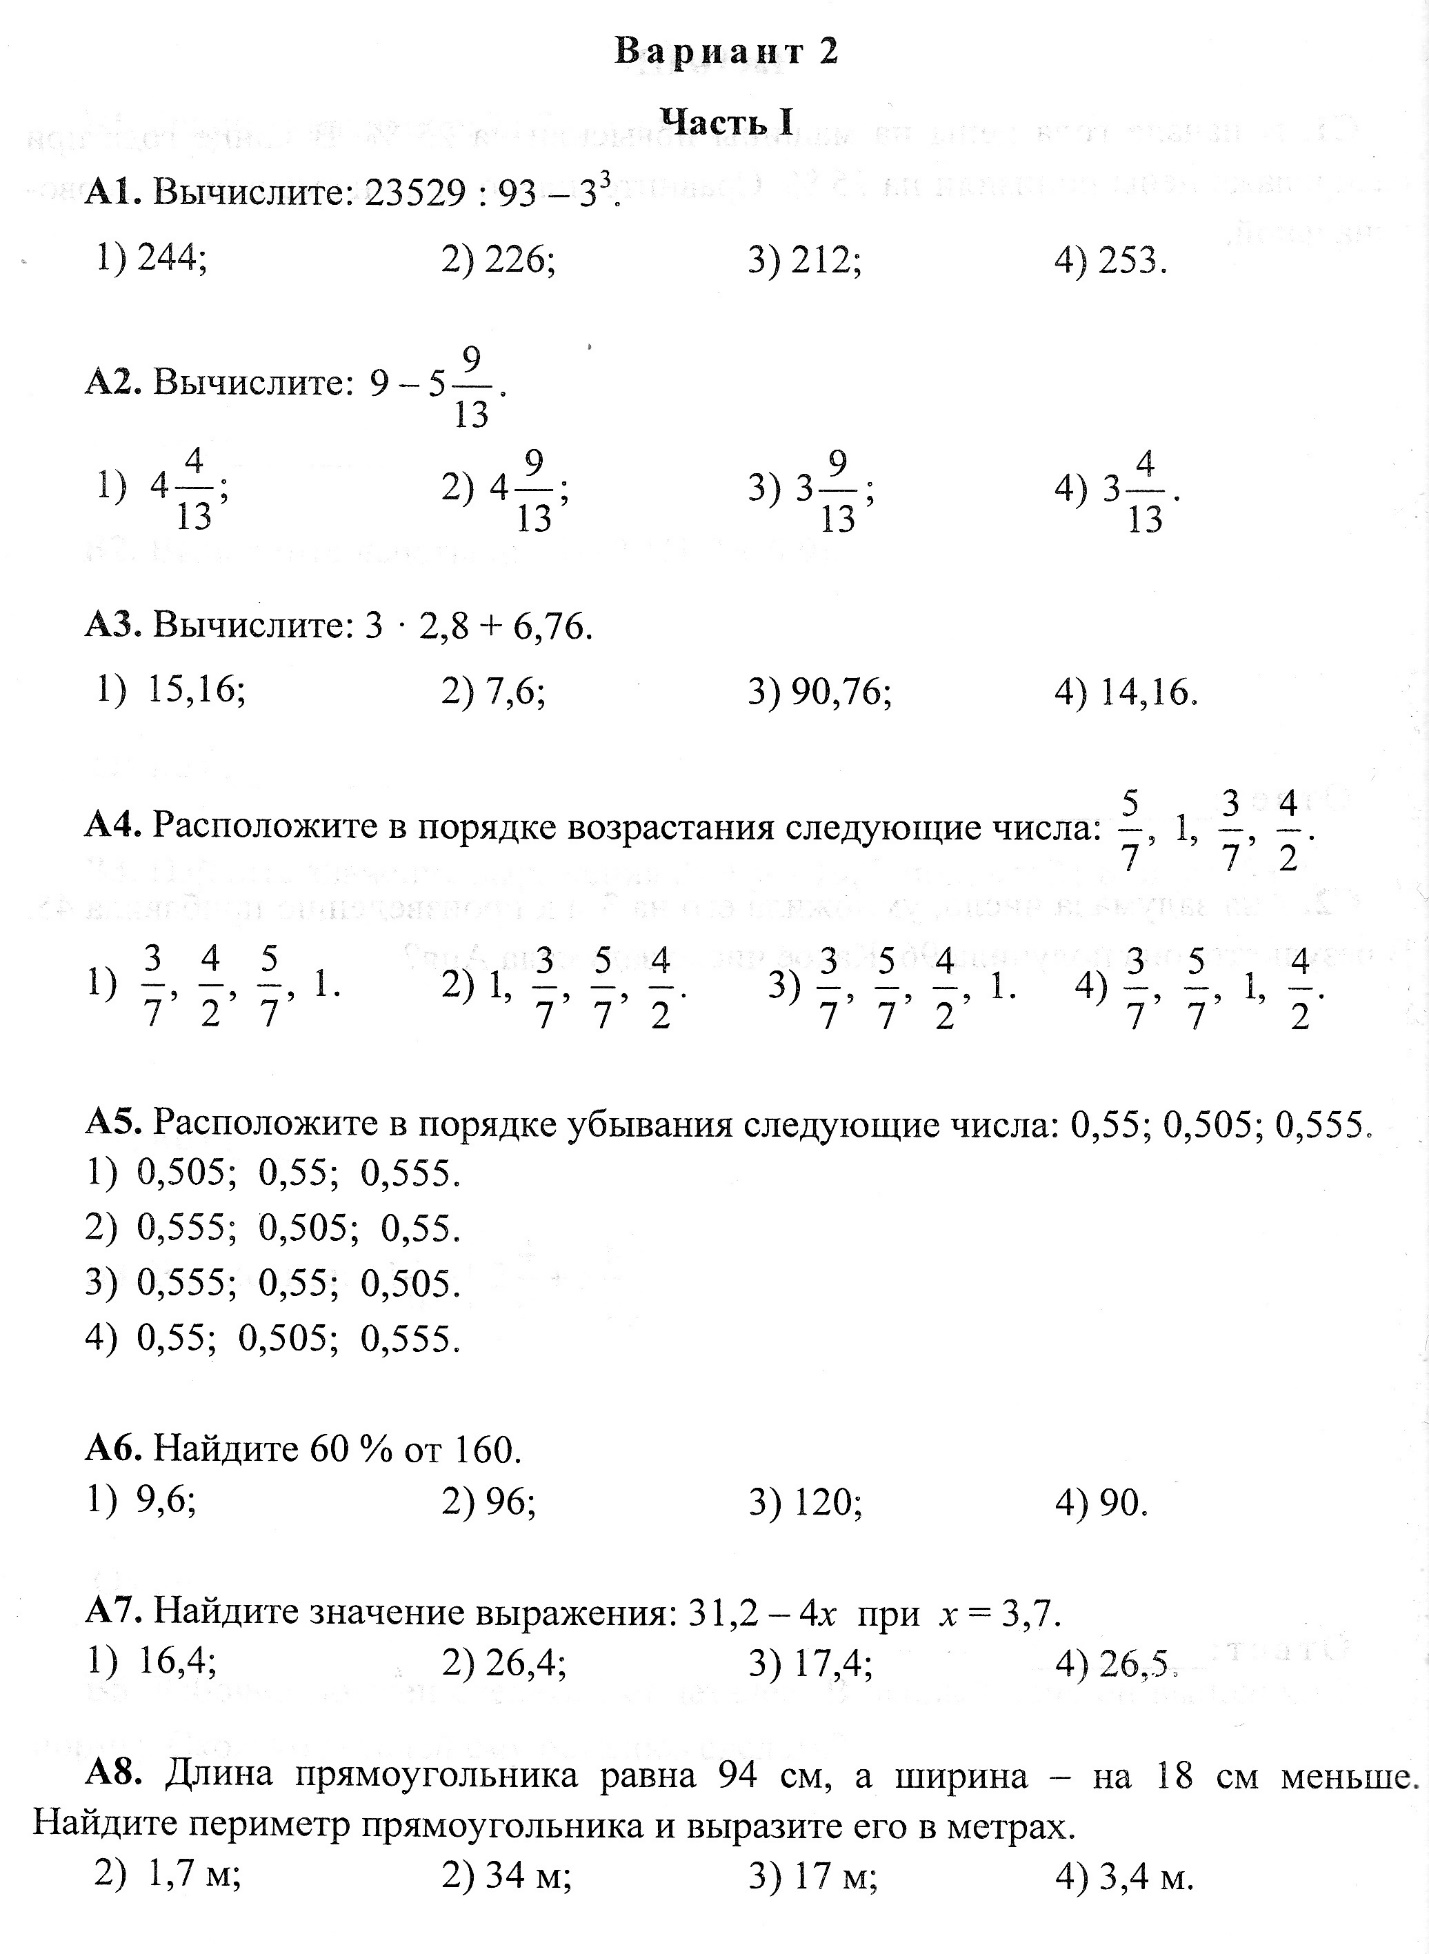 H:\рабочая программа 2015-2016\математика 5 кл\рабочая программа\диагностики\IMG_0034.jpg